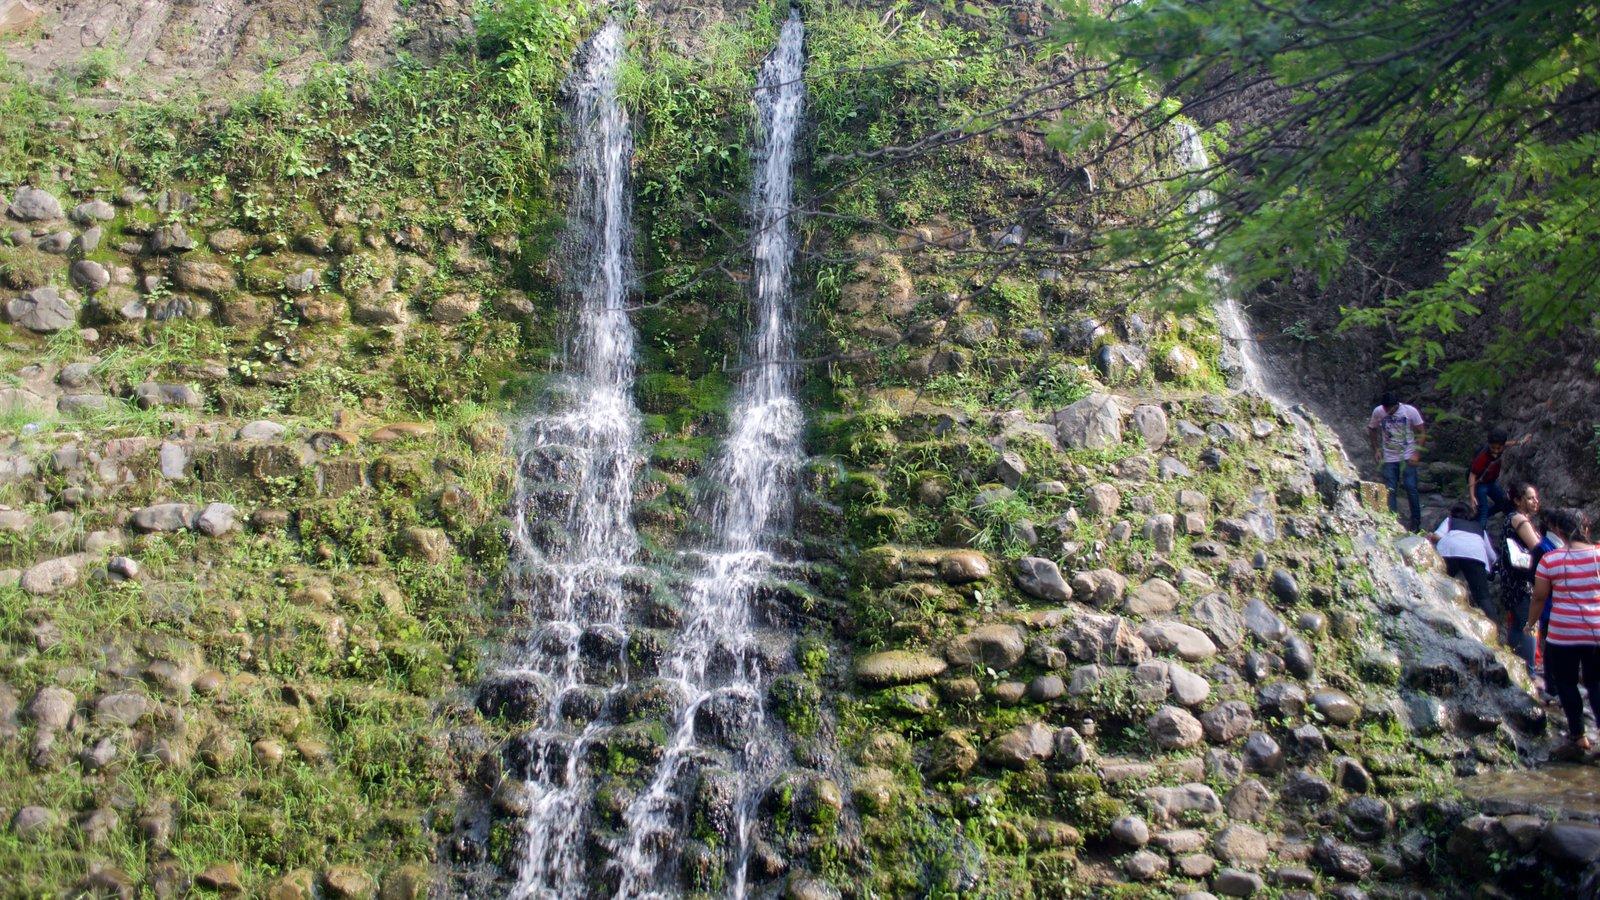 Rock Garden Featuring A Garden And A Waterfall